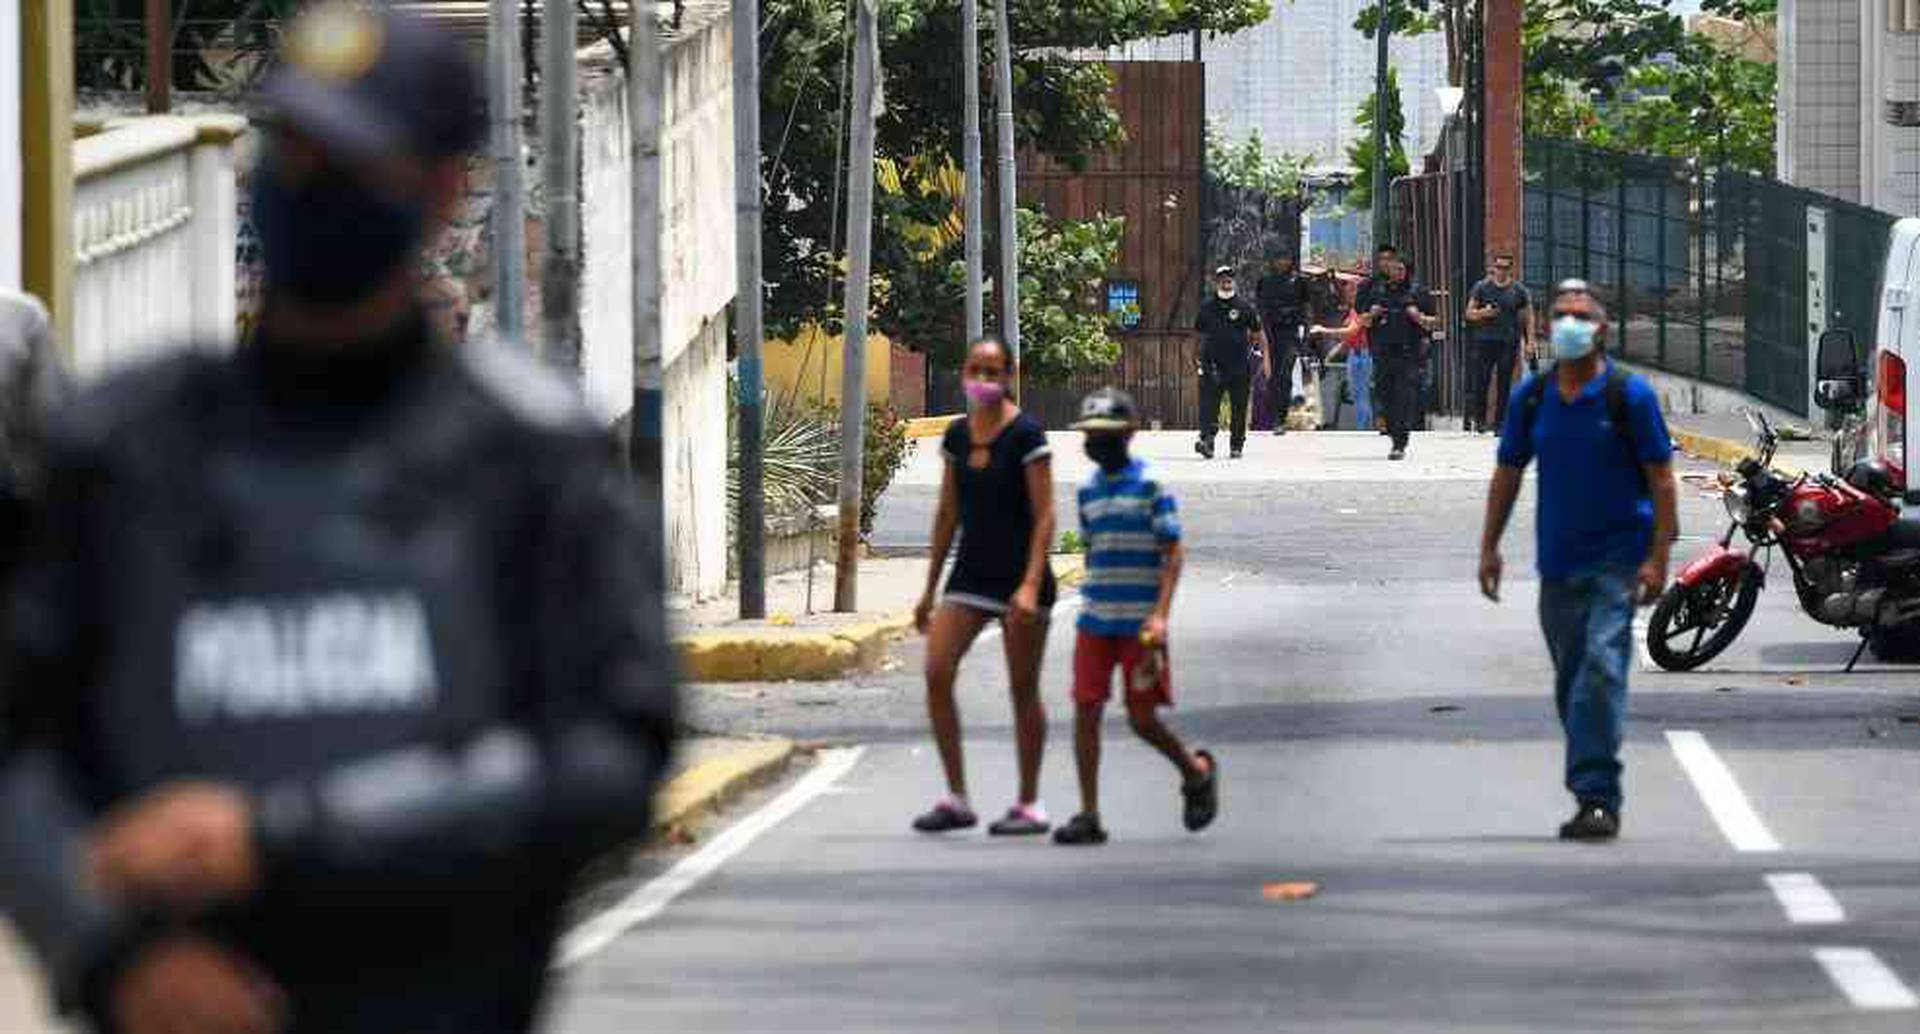 Represión en Venezuela aumentó durante pandemia de covid-19: Human Rights Watch.